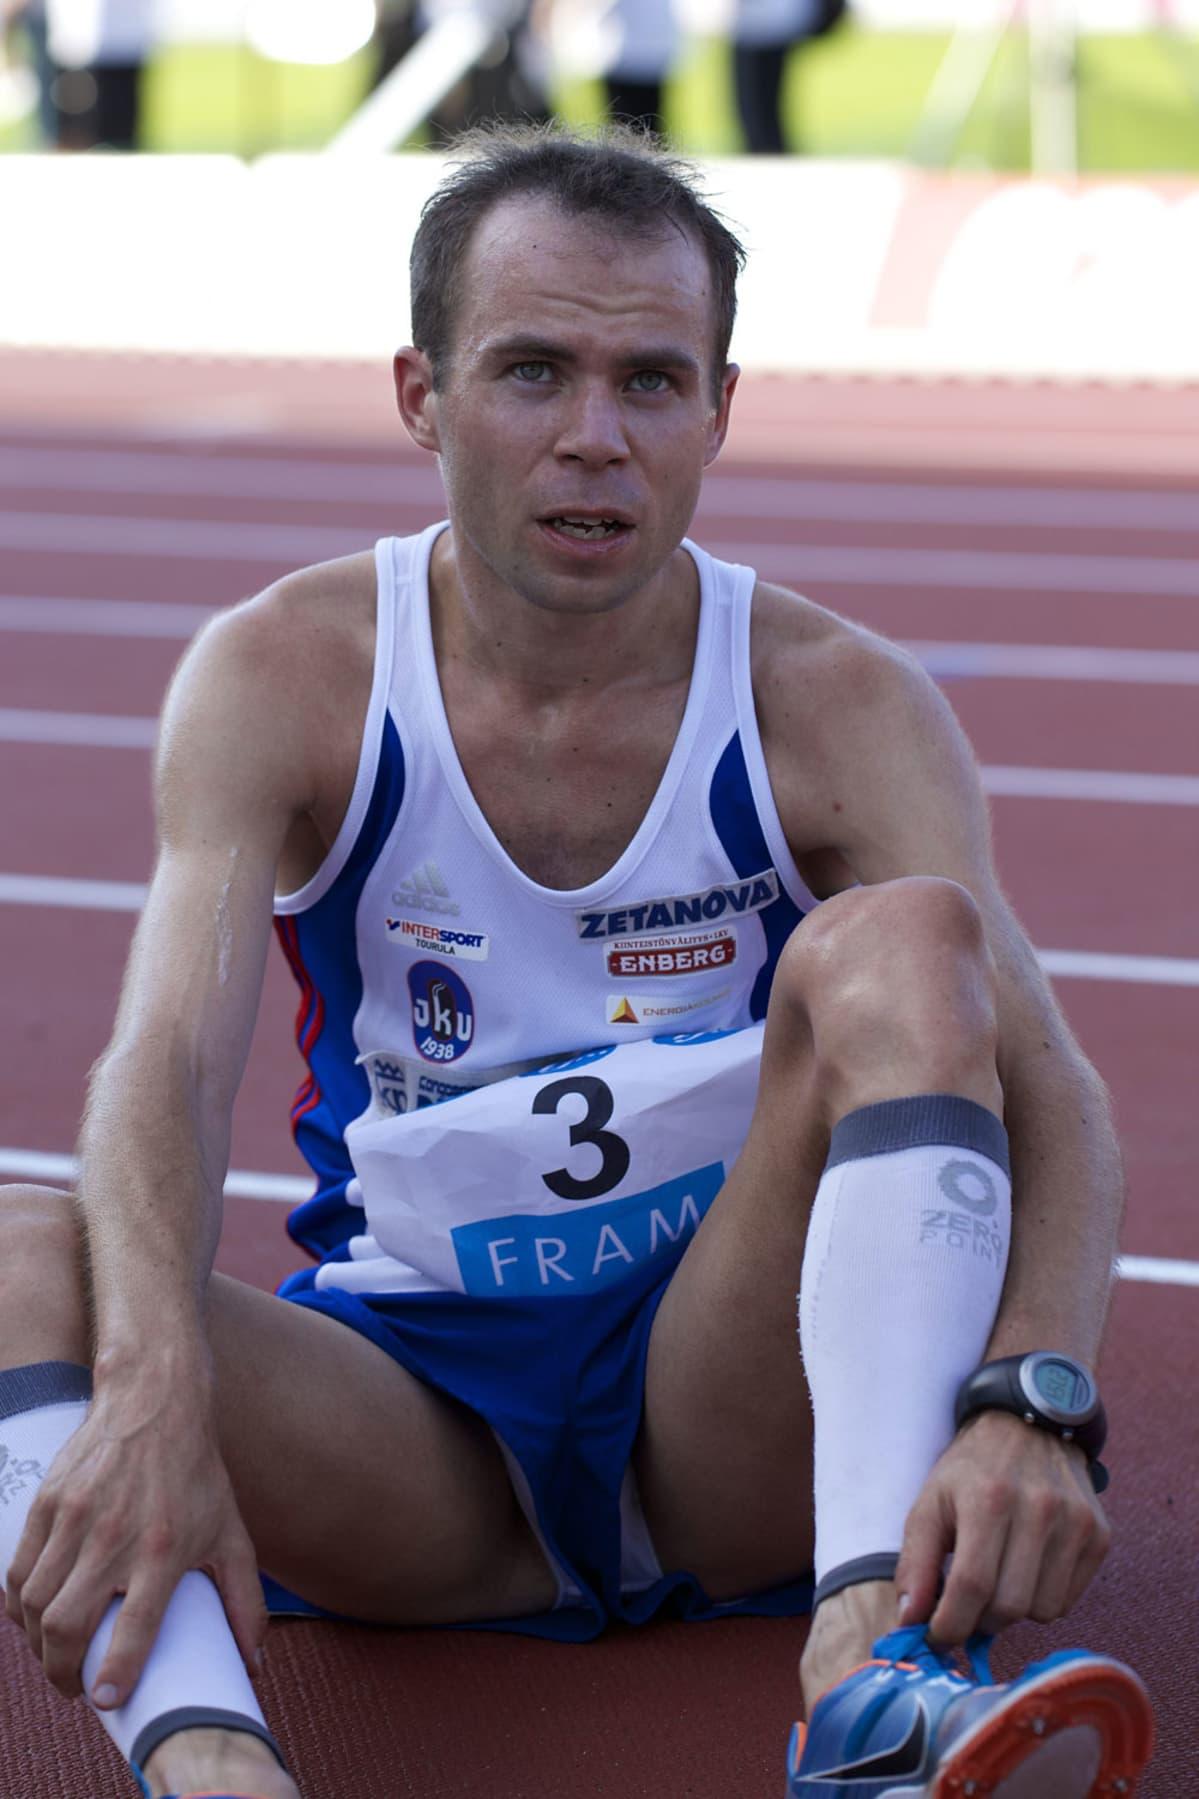 Henri Manninen